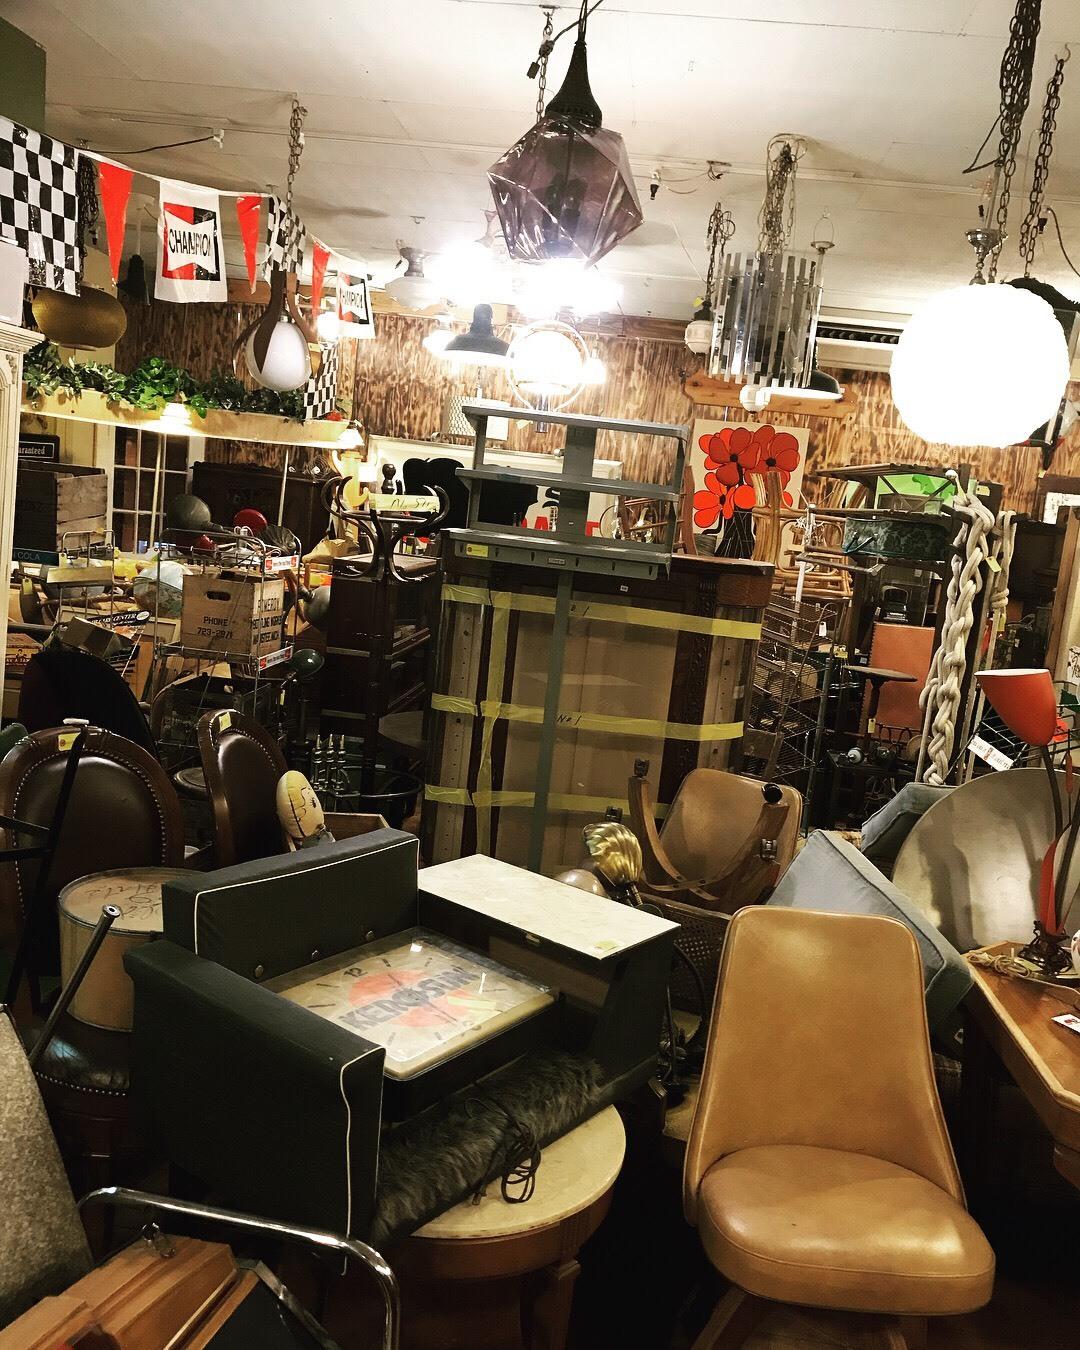 ついに家具コーナーOPEN❗_a0108963_15442565.jpg